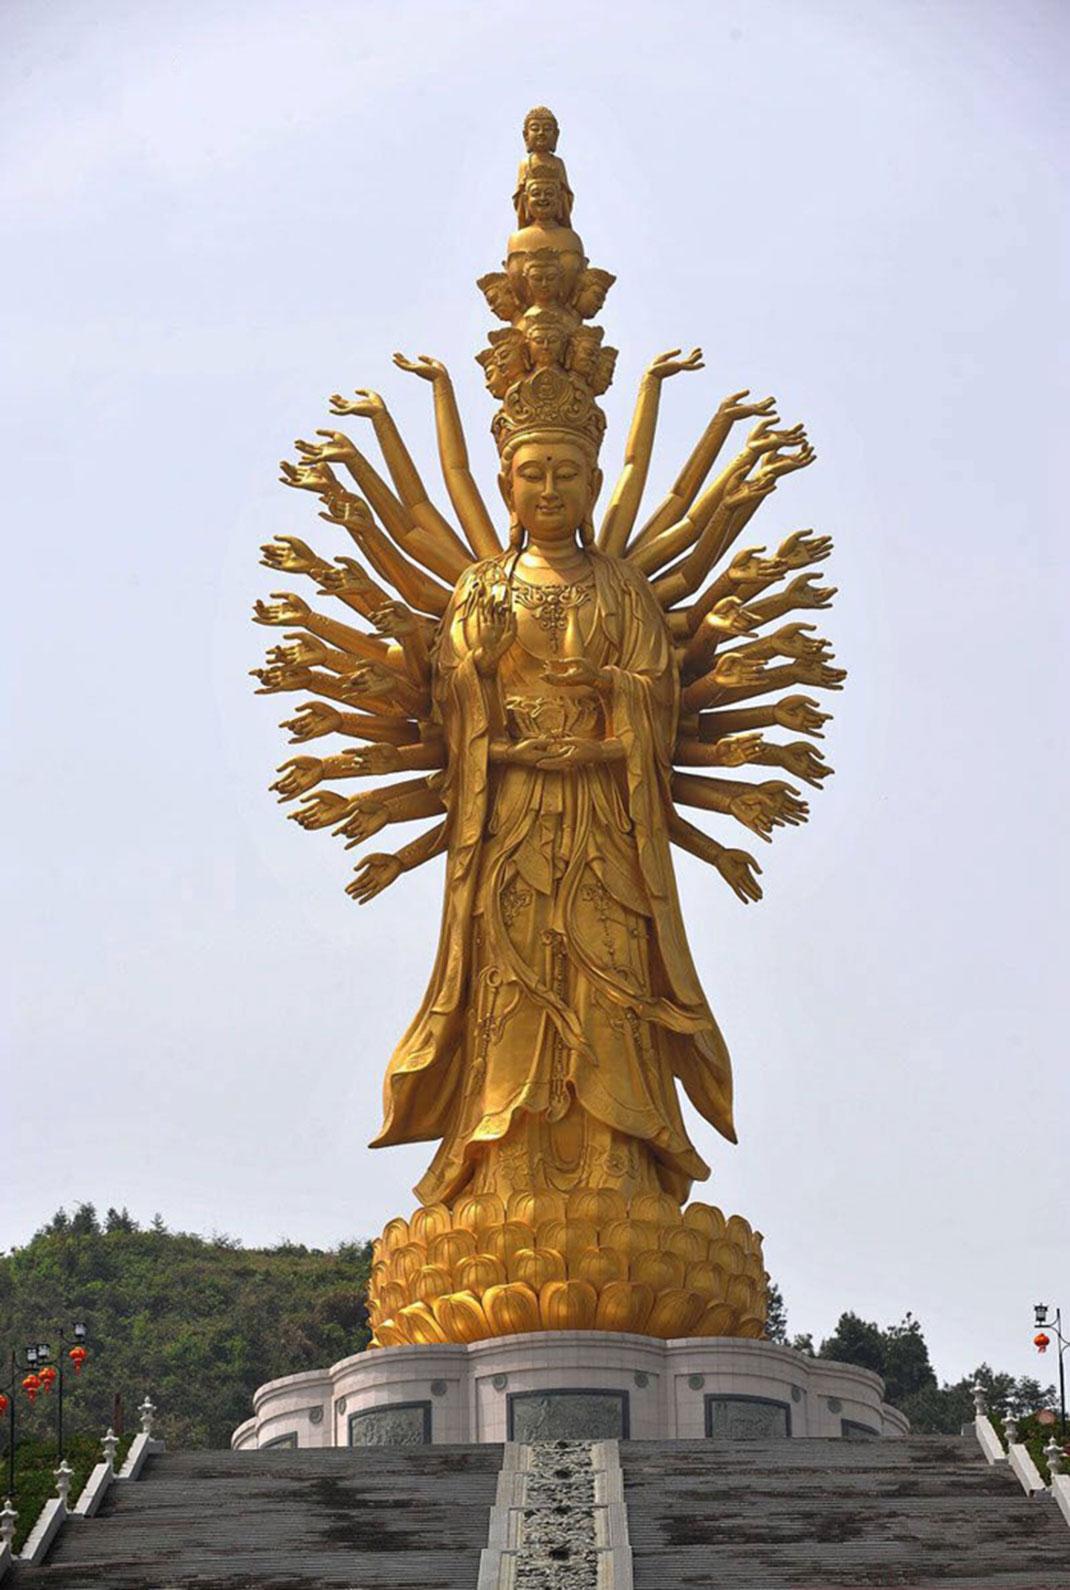 Guishan Guanyin